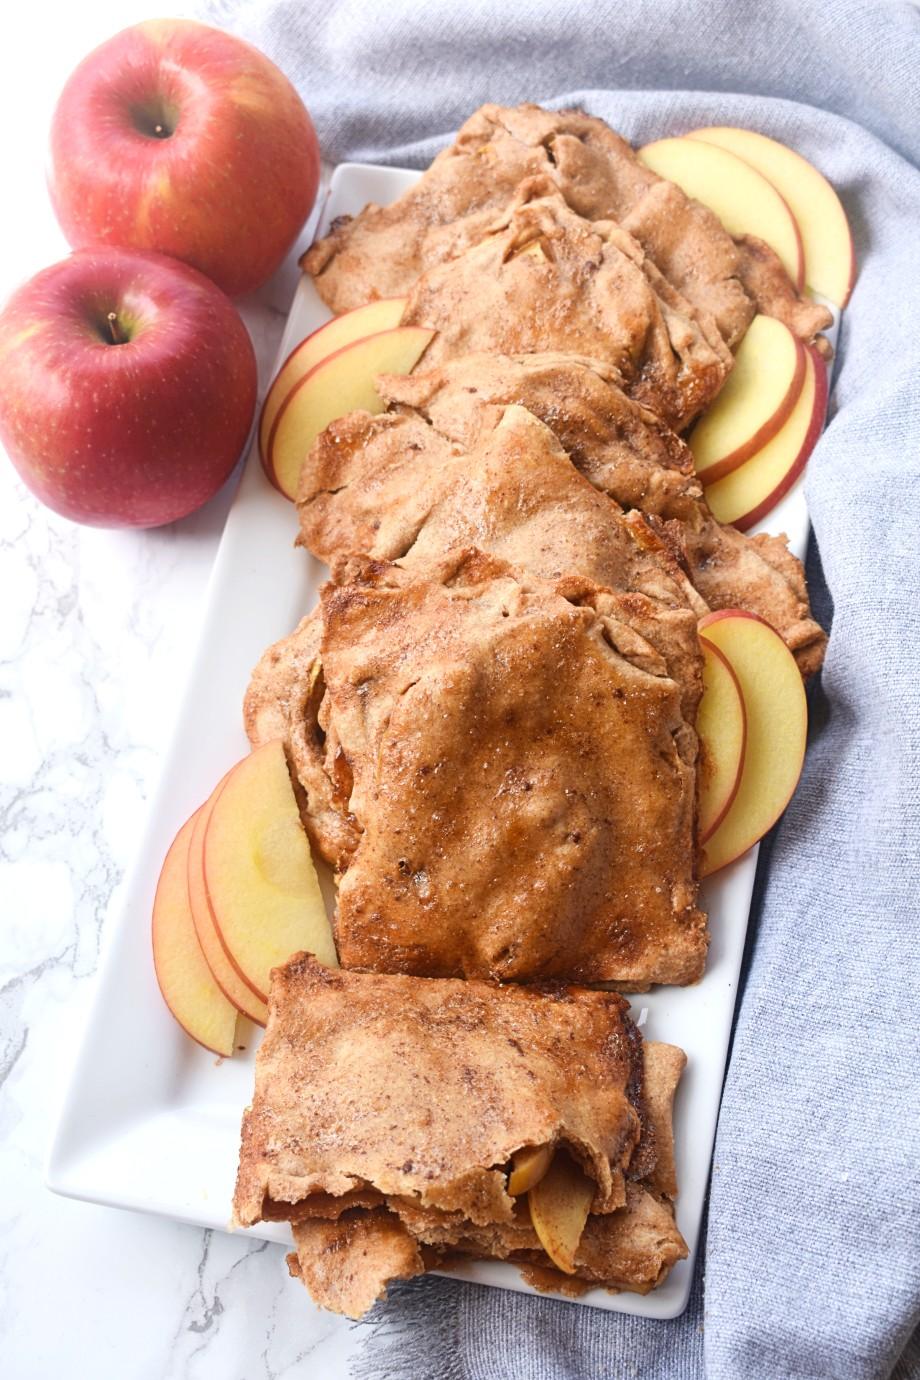 Healthy Apple Pie Pop-Tarts